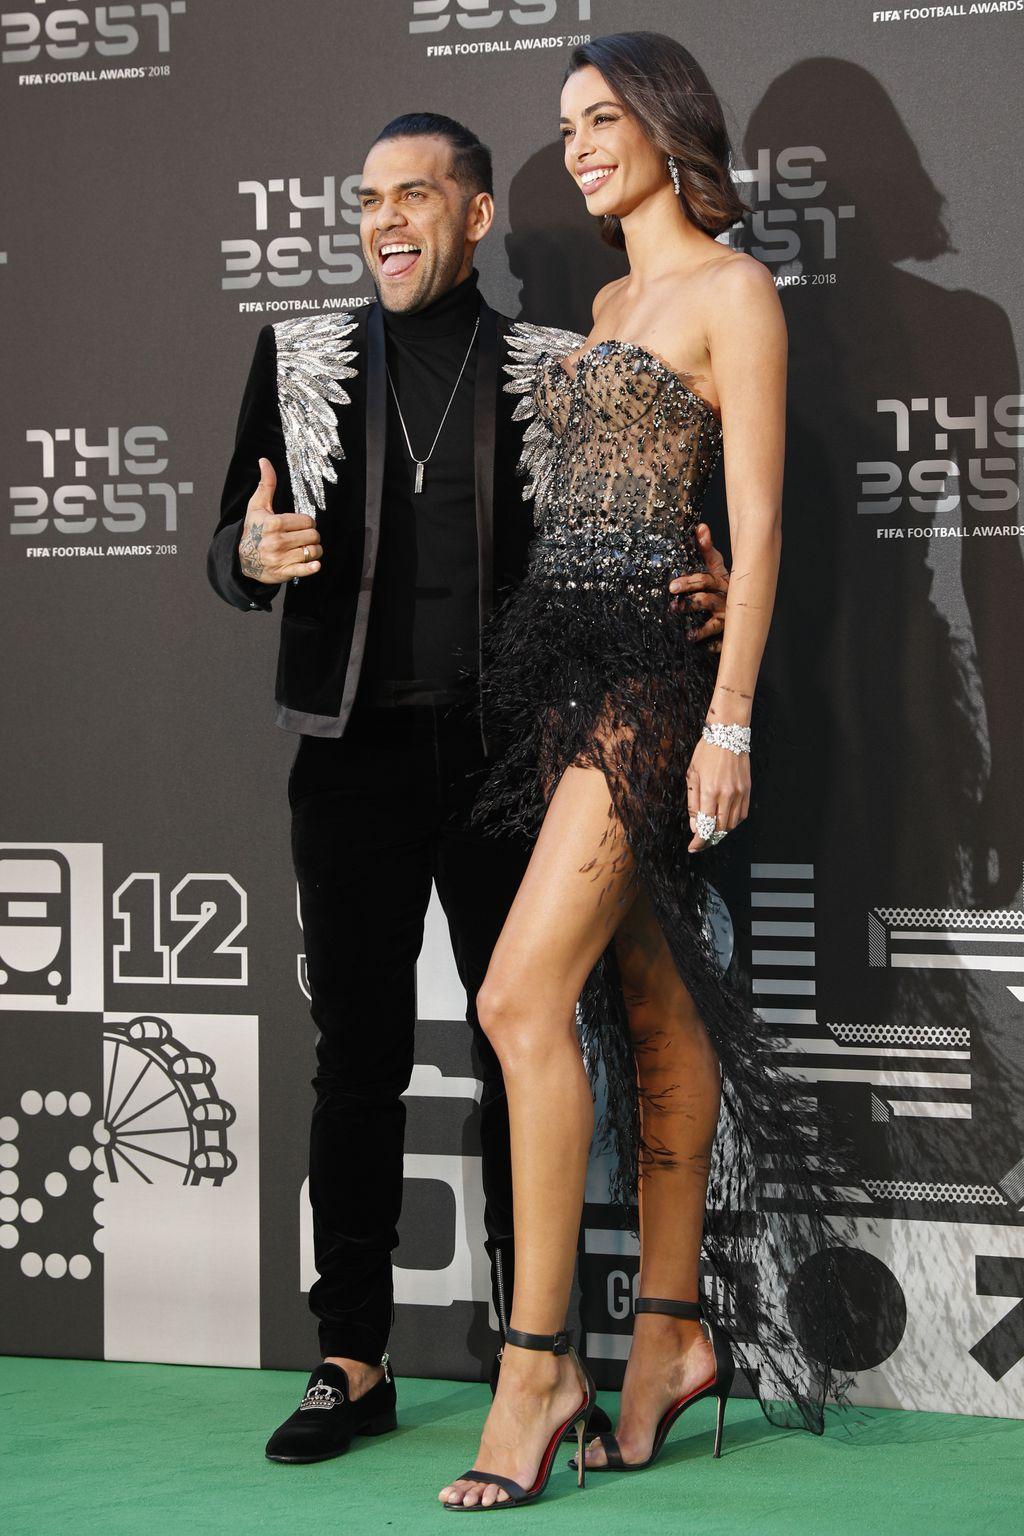 Dani Alves i Joana Sanz (Foto: AFP)